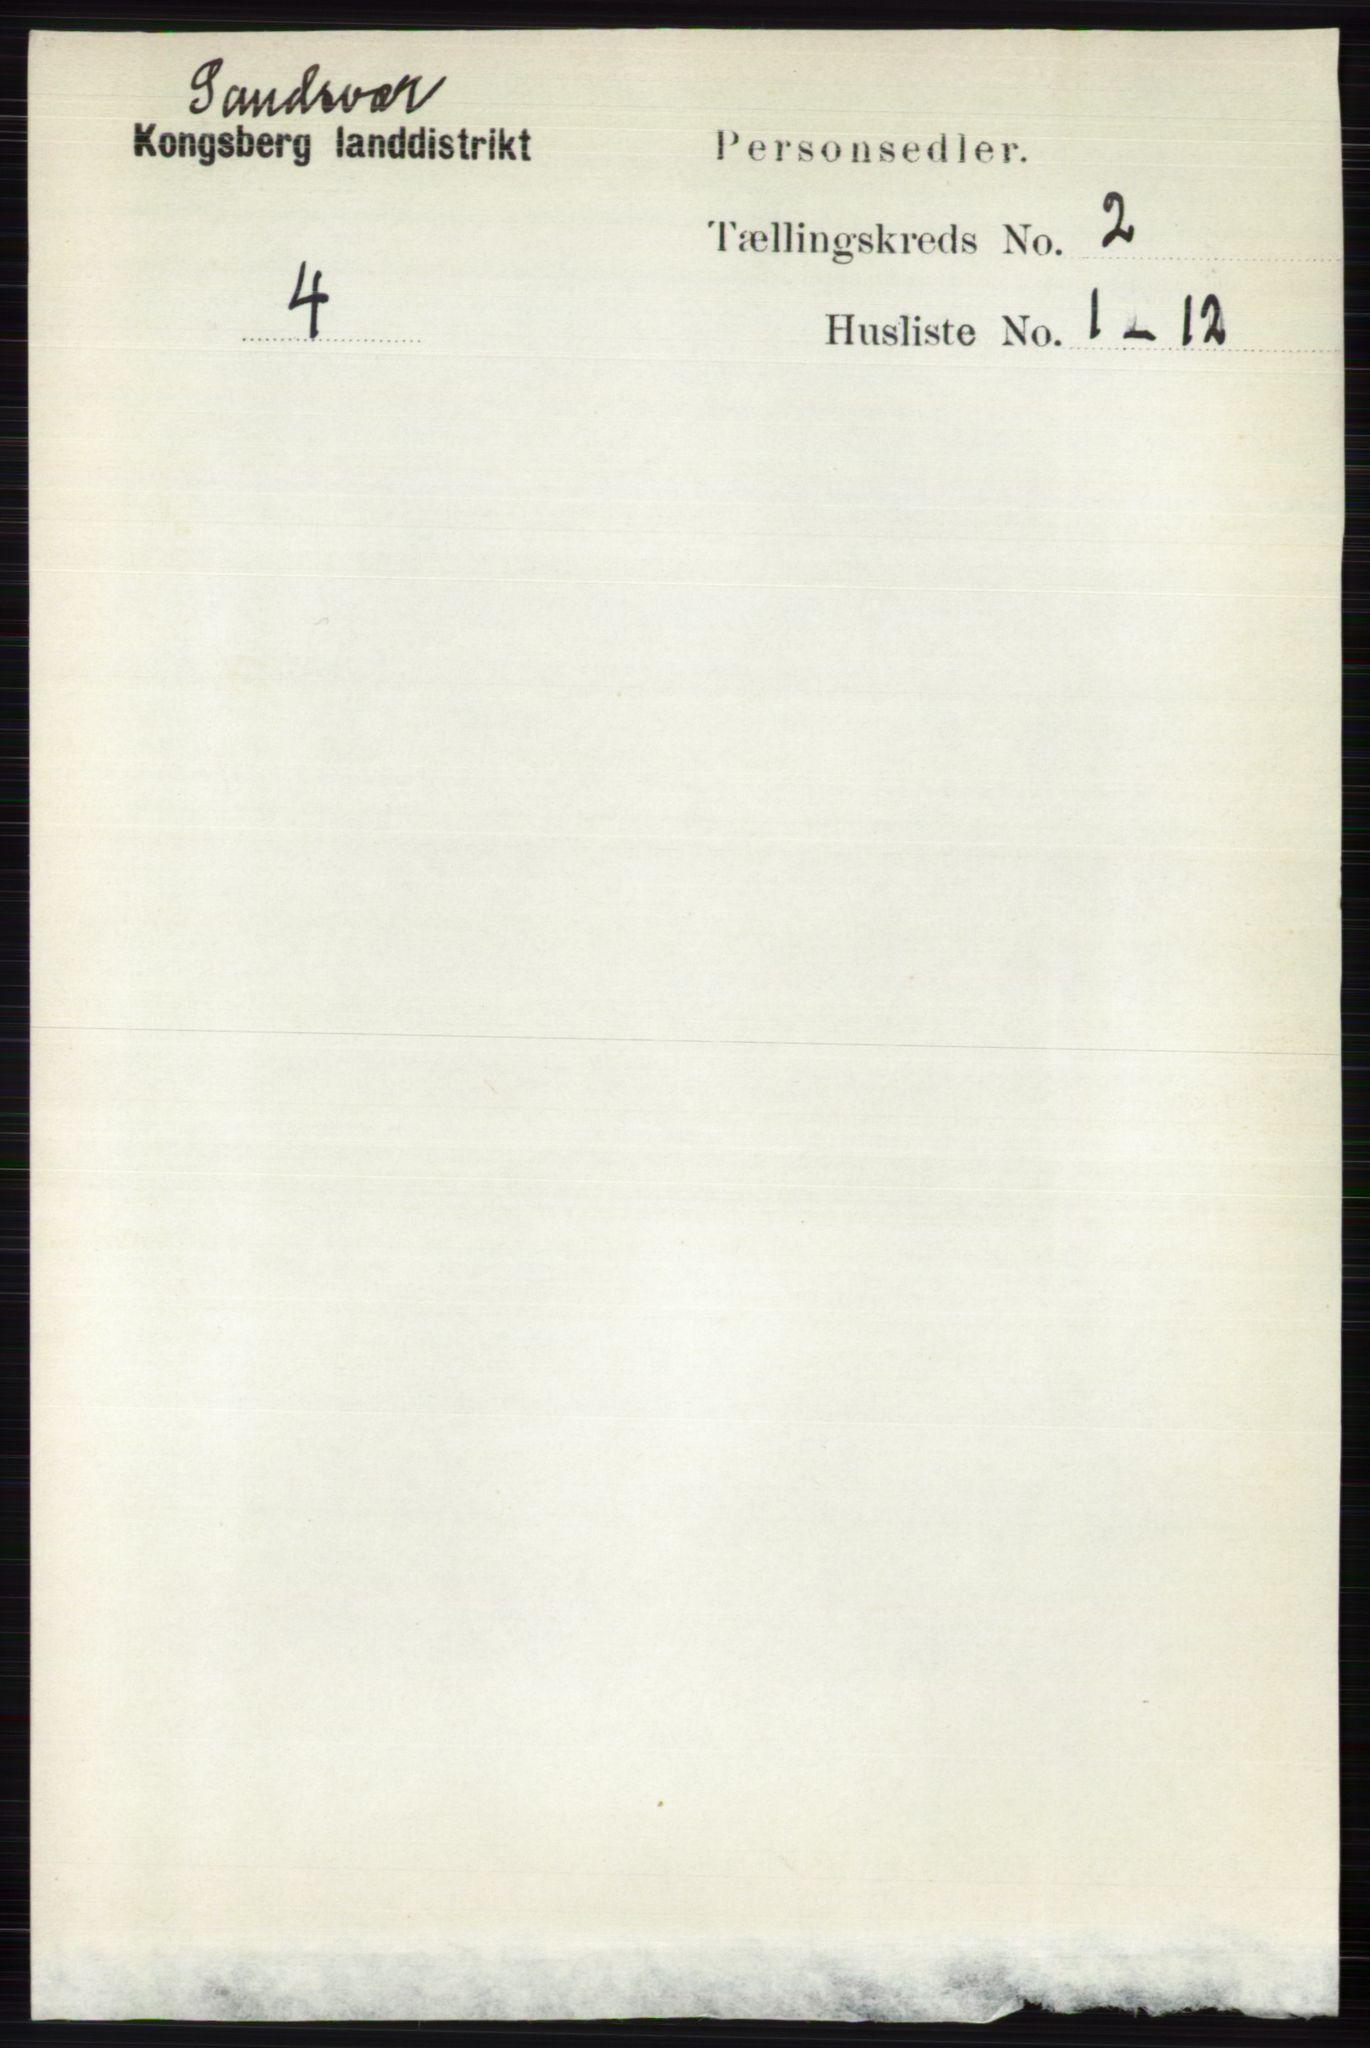 RA, Folketelling 1891 for 0629 Sandsvær herred, 1891, s. 5726